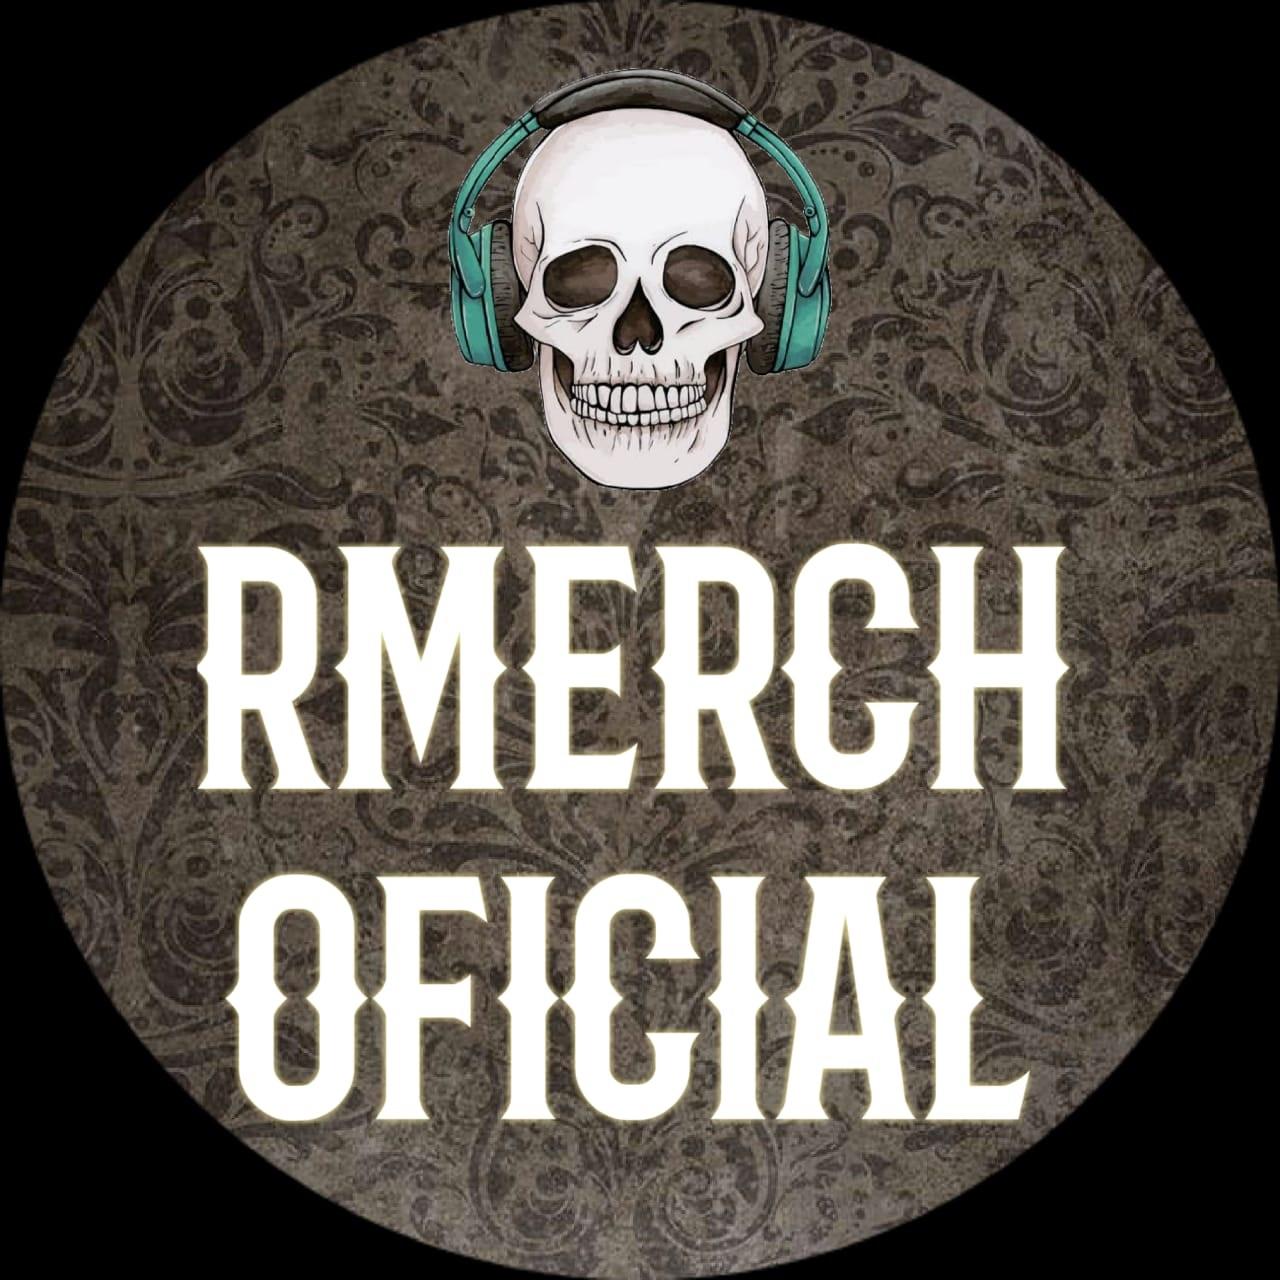 RMerch